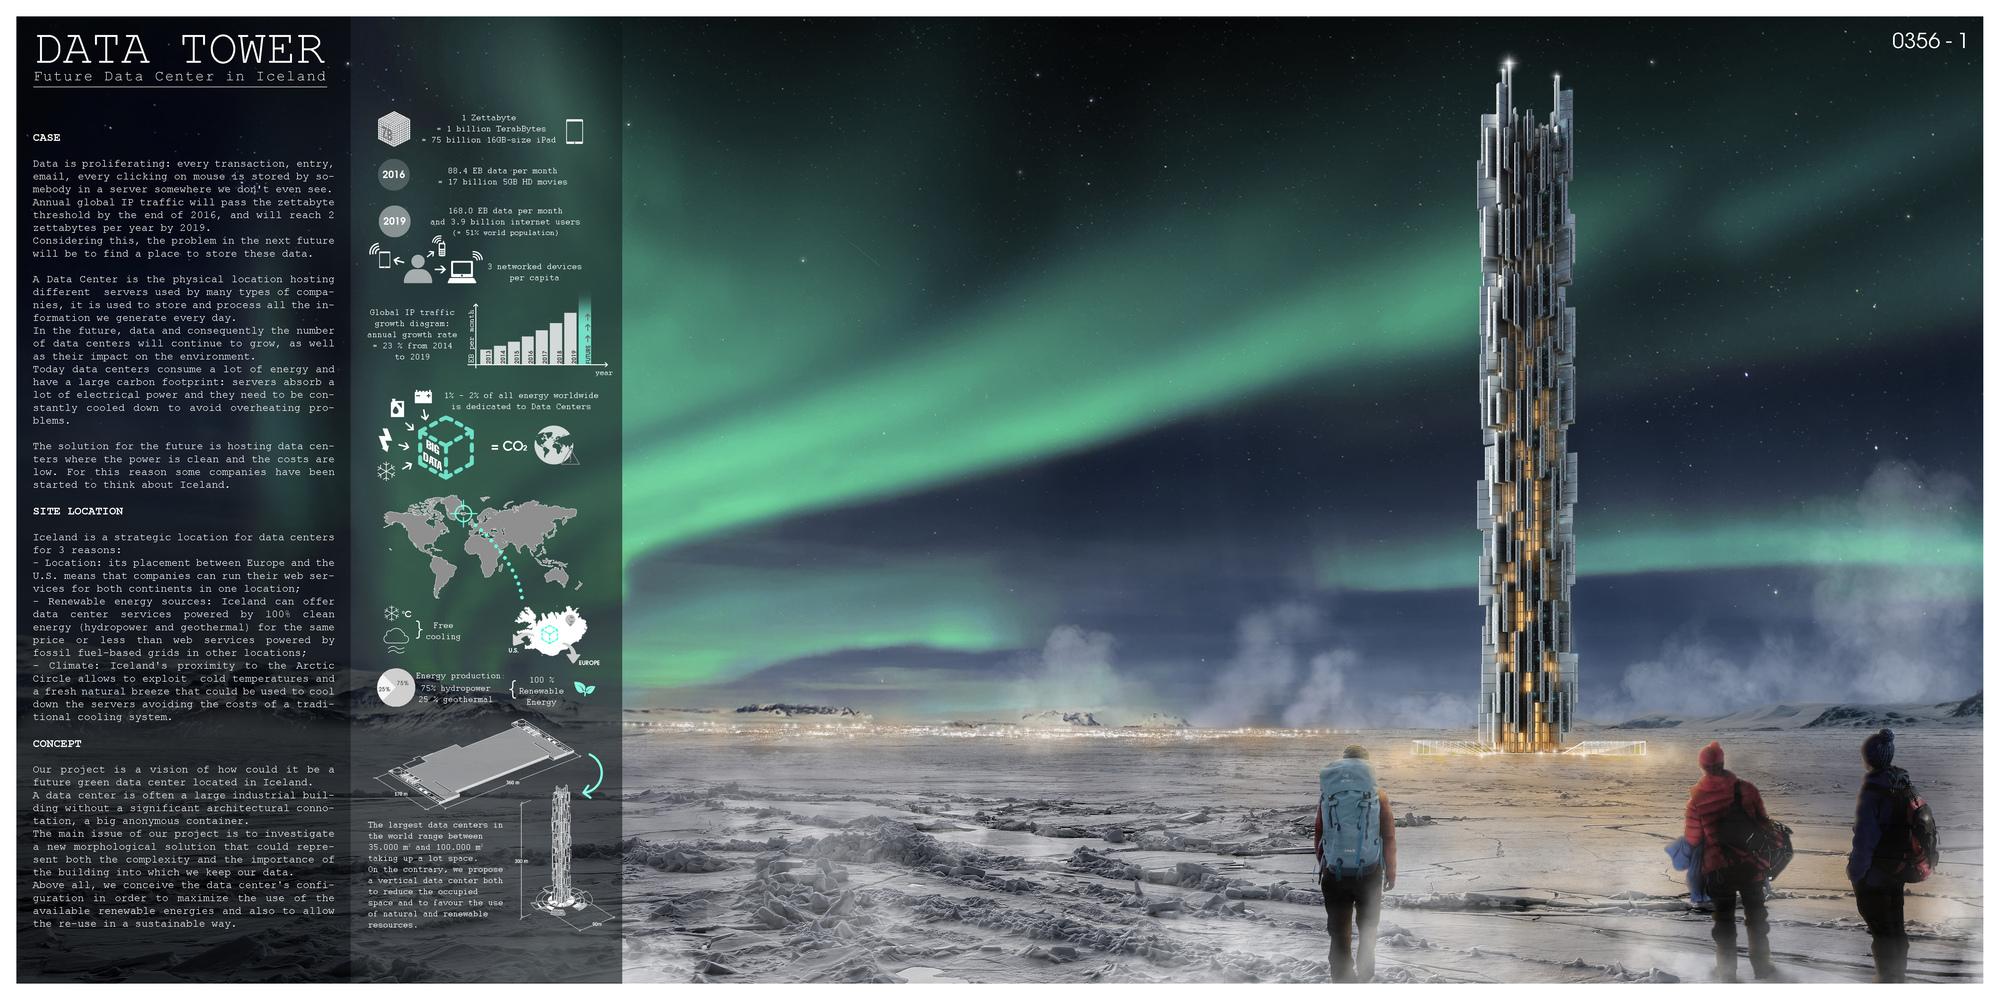 Gallery Of Evolo Announces 2016 Skyscraper Competition